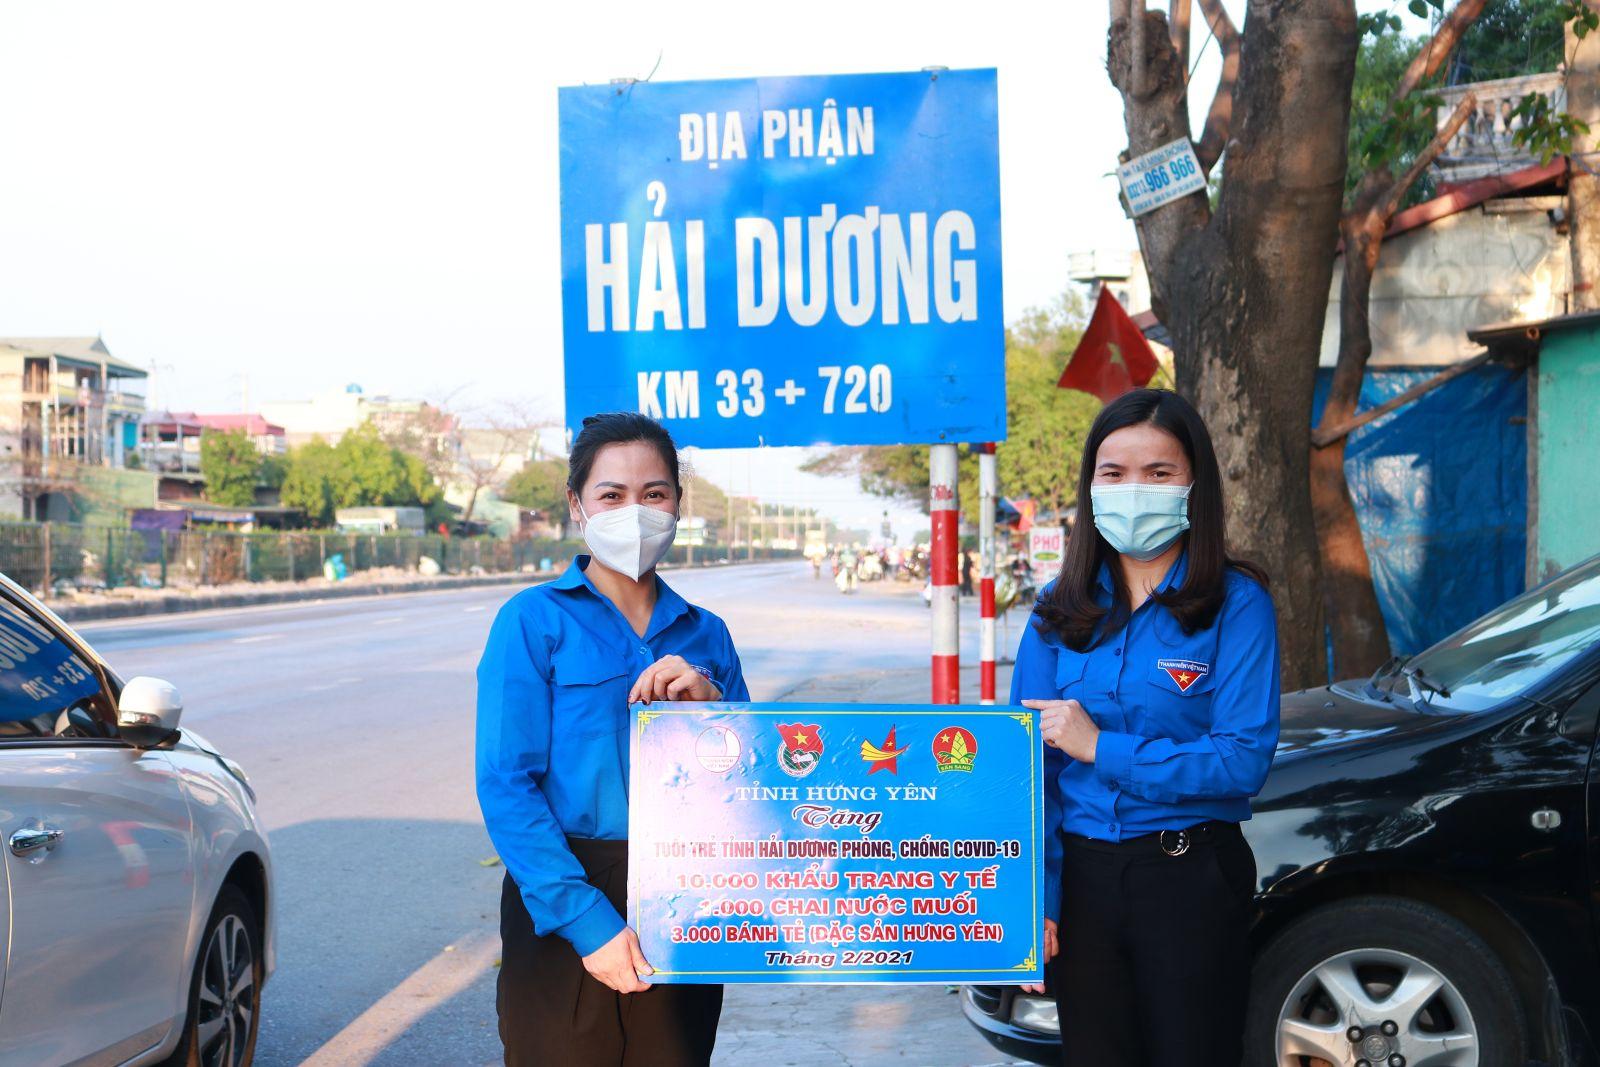 Tuổi trẻ tỉnh Hưng Yên chung tay hỗ trợ Tuổi trẻ tỉnh Hải Dương phòng, chống dịch bệnh Covid-19